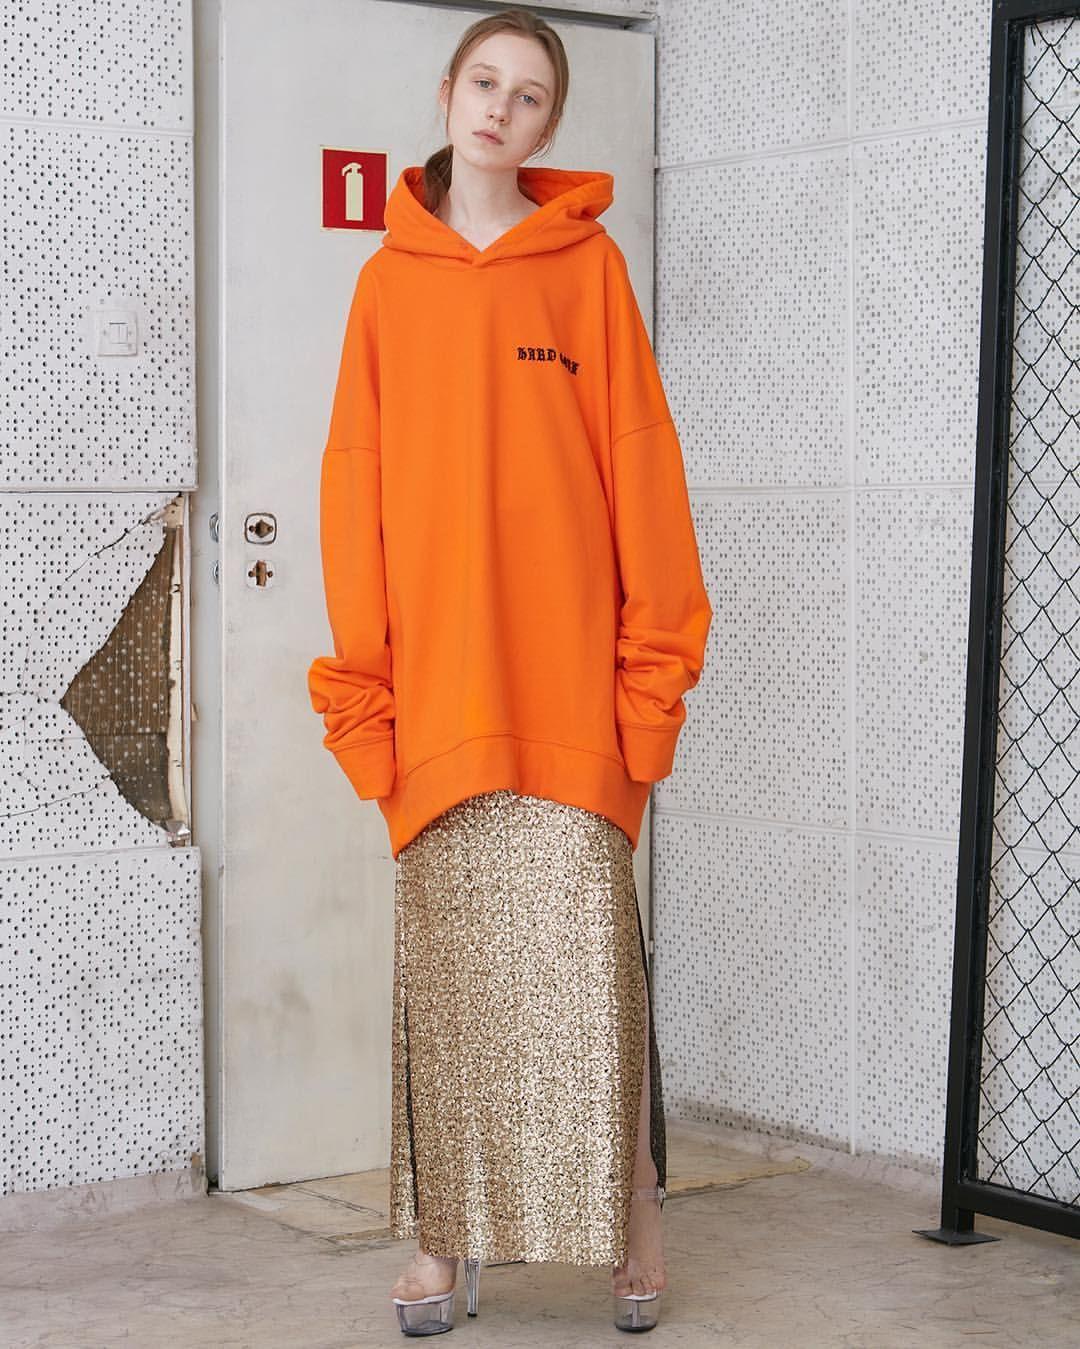 Pin by ahsh eegrek on f Orange fashion, Fashion, Fashion